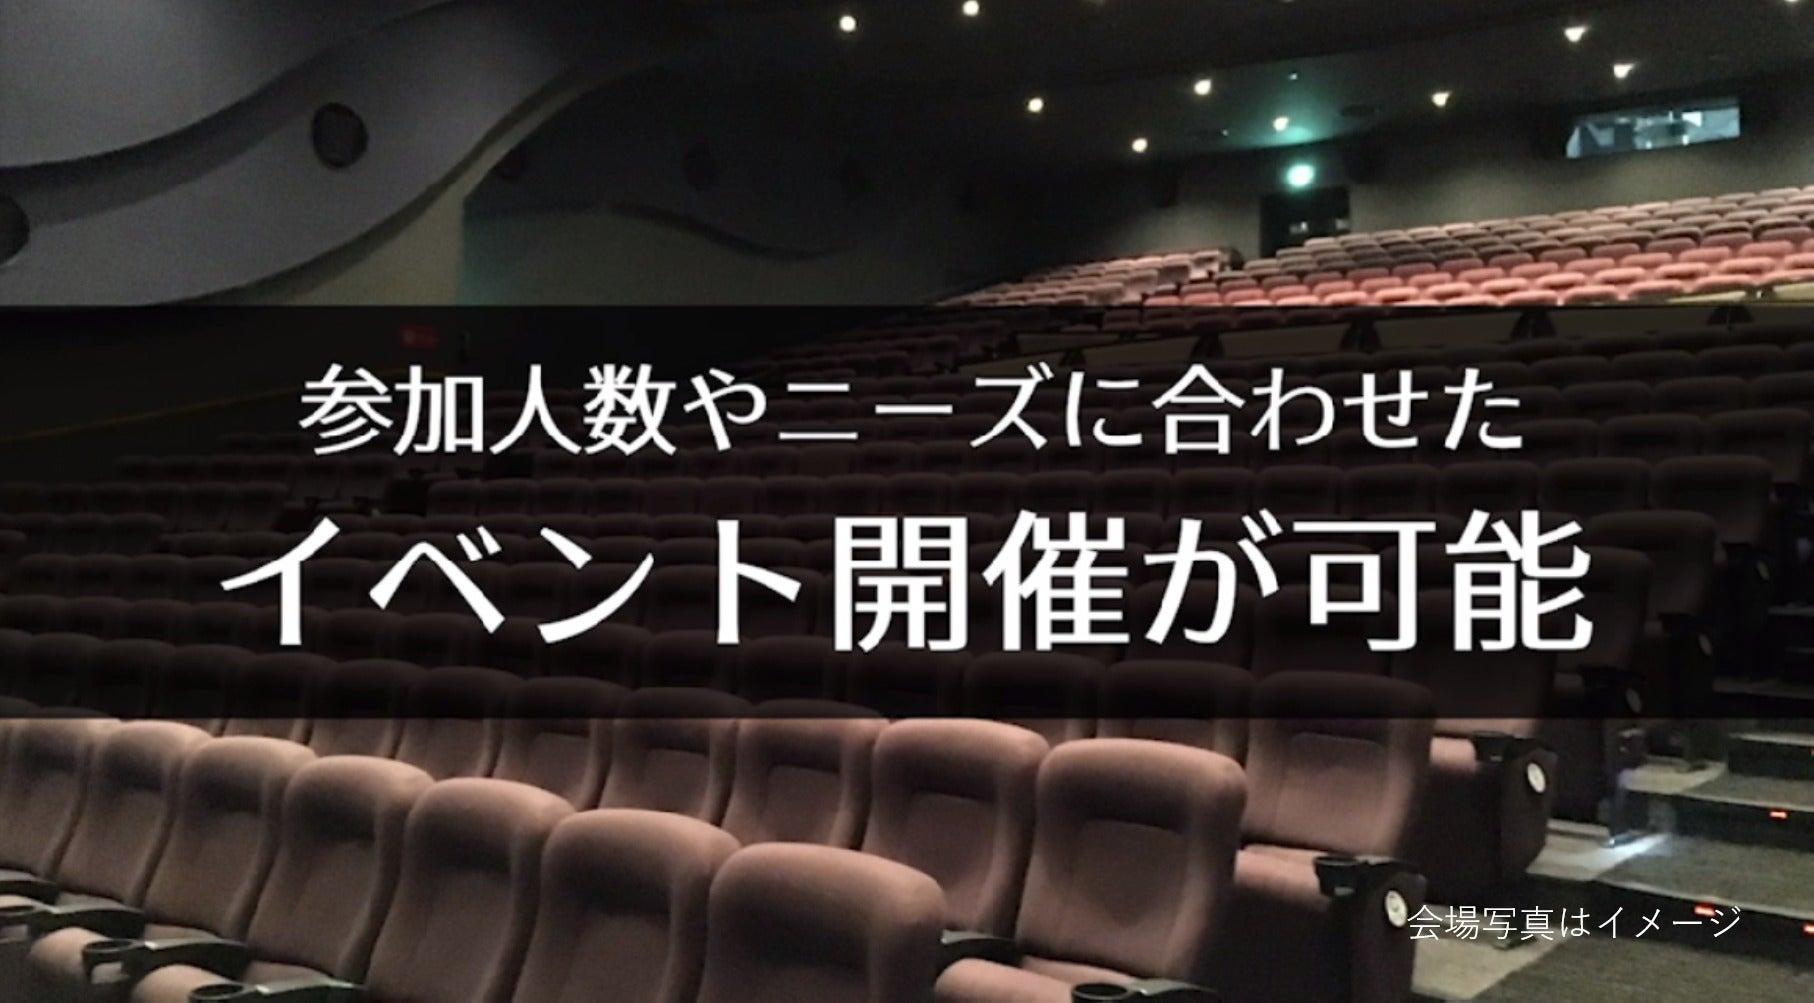 【金沢 218席】映画館で、会社説明会、株主総会、講演会の企画はいかがですか?